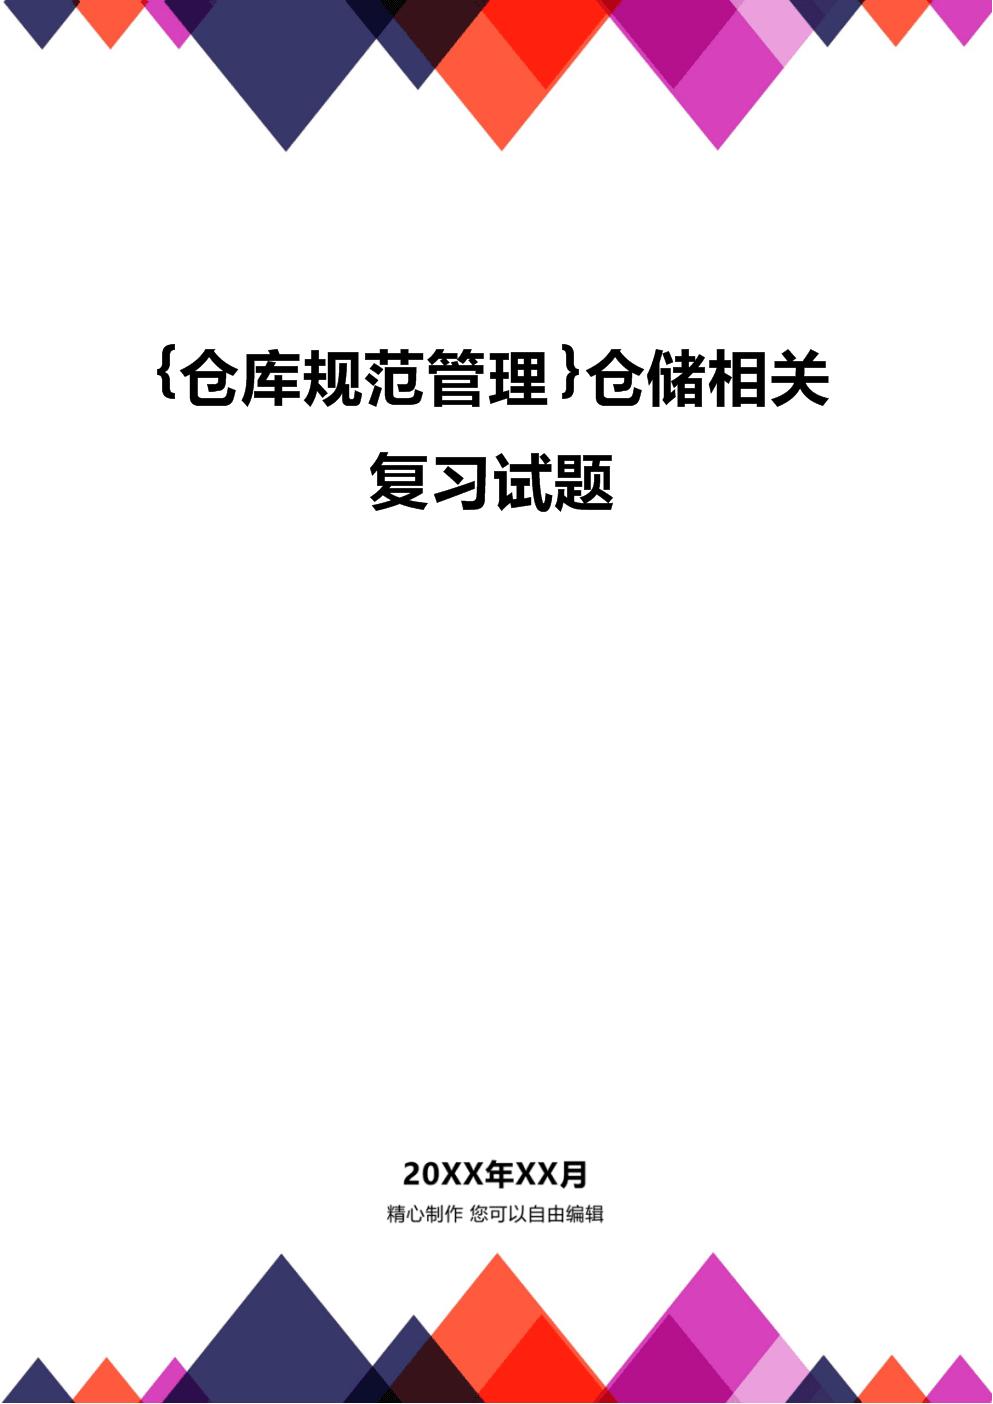 {仓库规范管理}仓储相关复习试题.docx